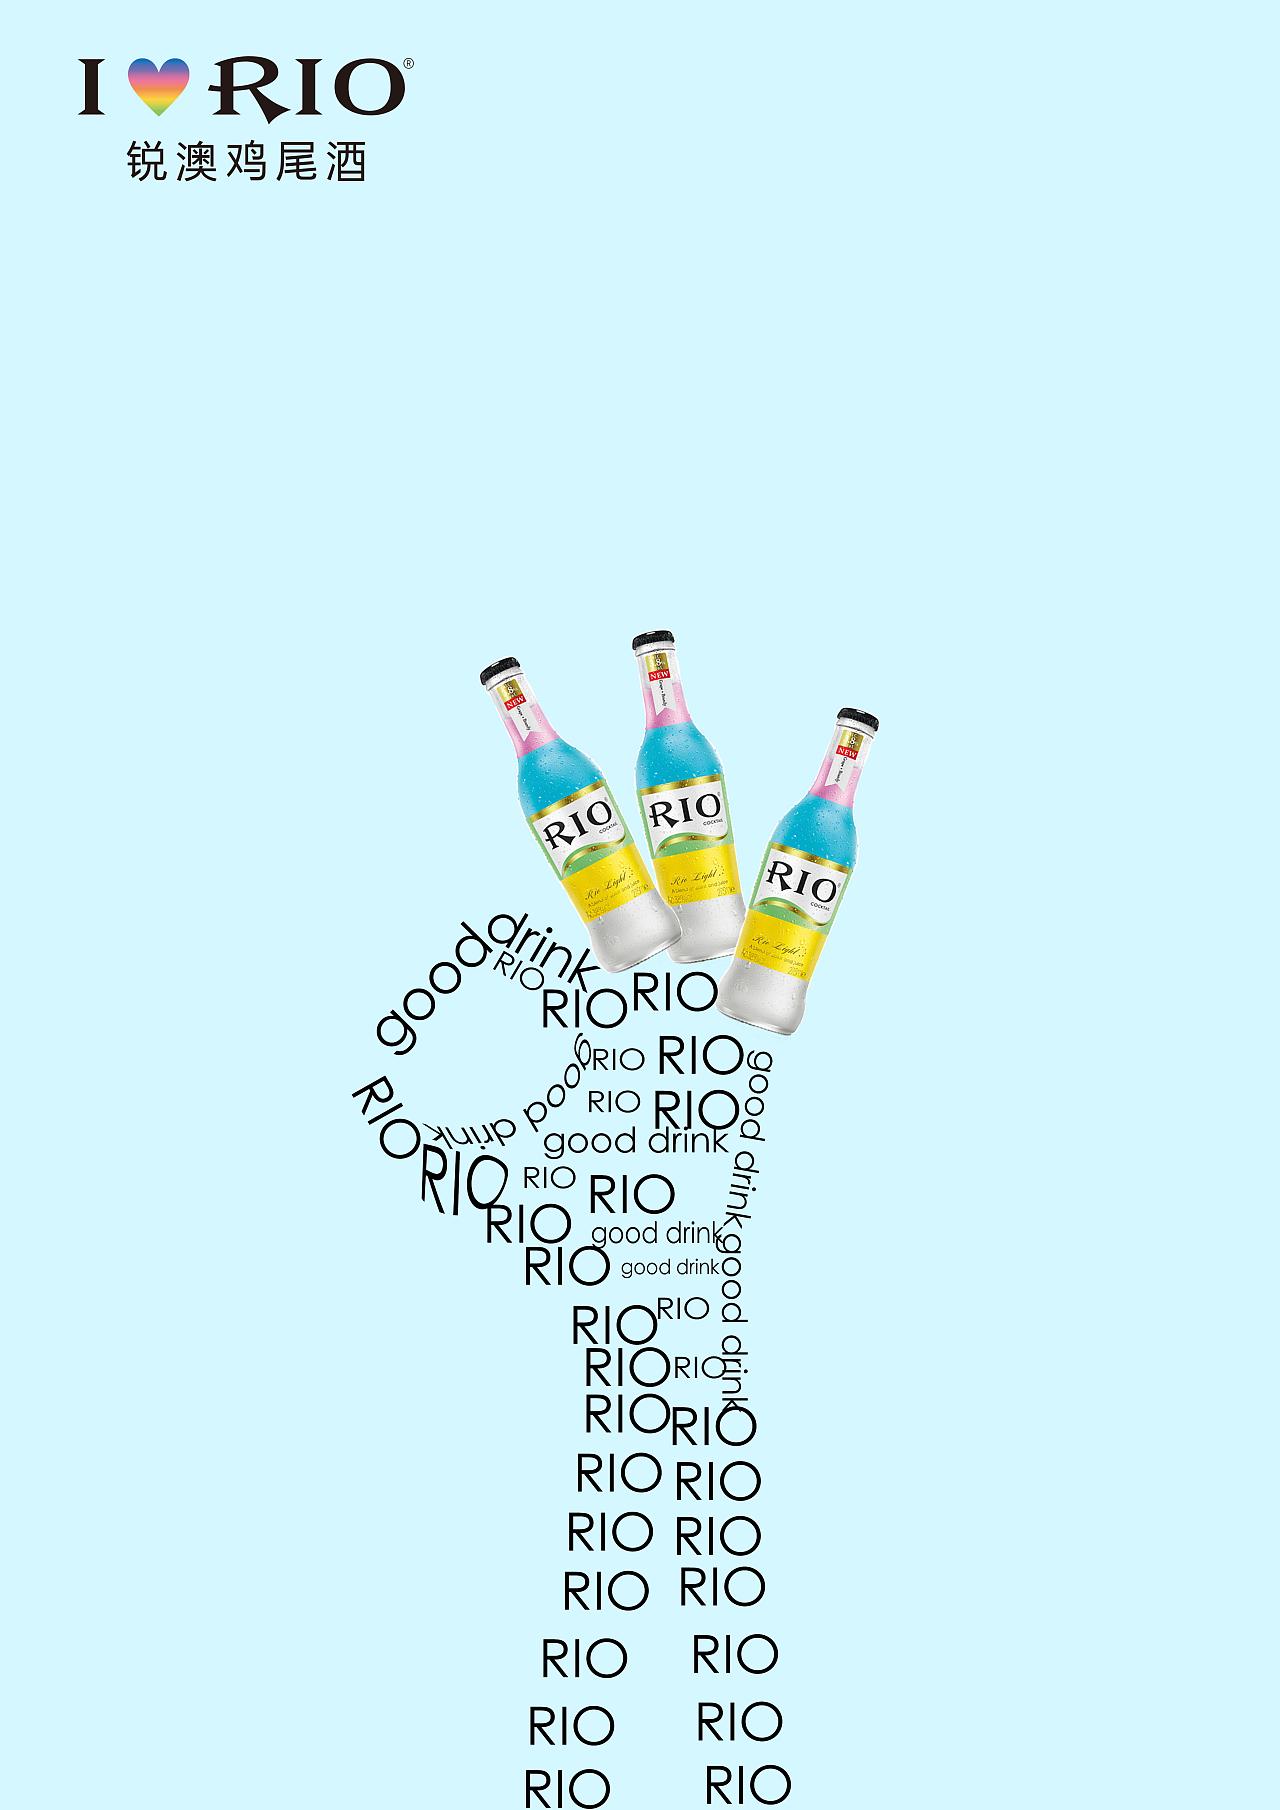 当时技术有限,色彩搭配是根据rio鸡尾酒中的微醺系列来搭配的,勿喷勿图片